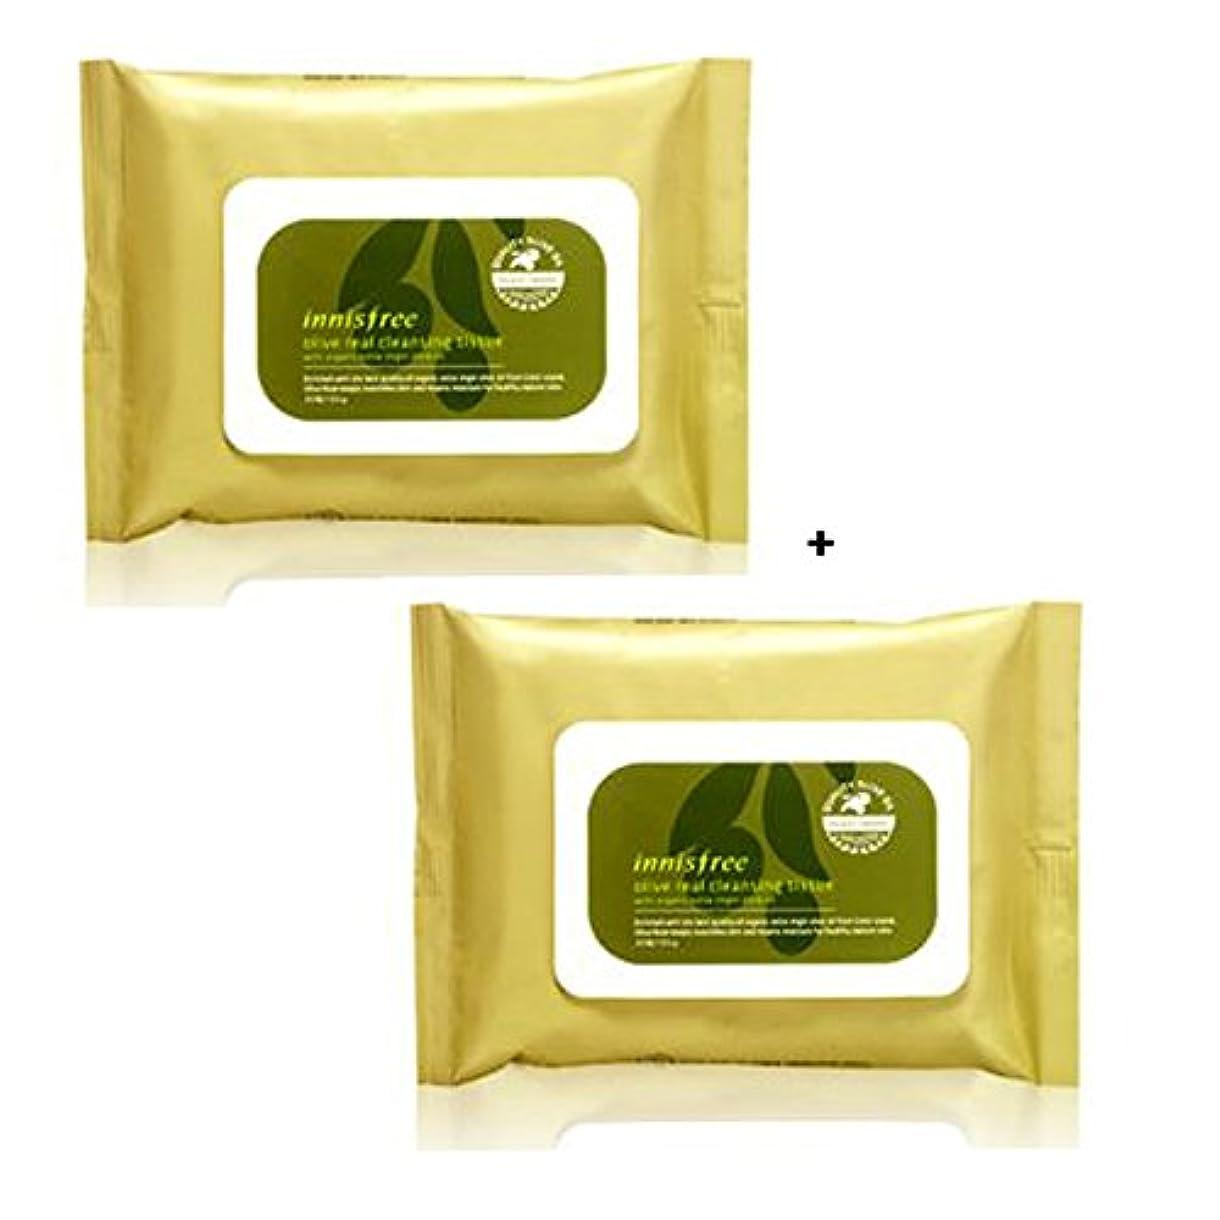 サンダー酔っ払い影のあるイニスフリー Innisfree オリーブリアル クレンジングティッシュ (30枚x2) Innisfree Olive Real Cleansing Tissue (30sheetsx2Pcs) [海外直送品]